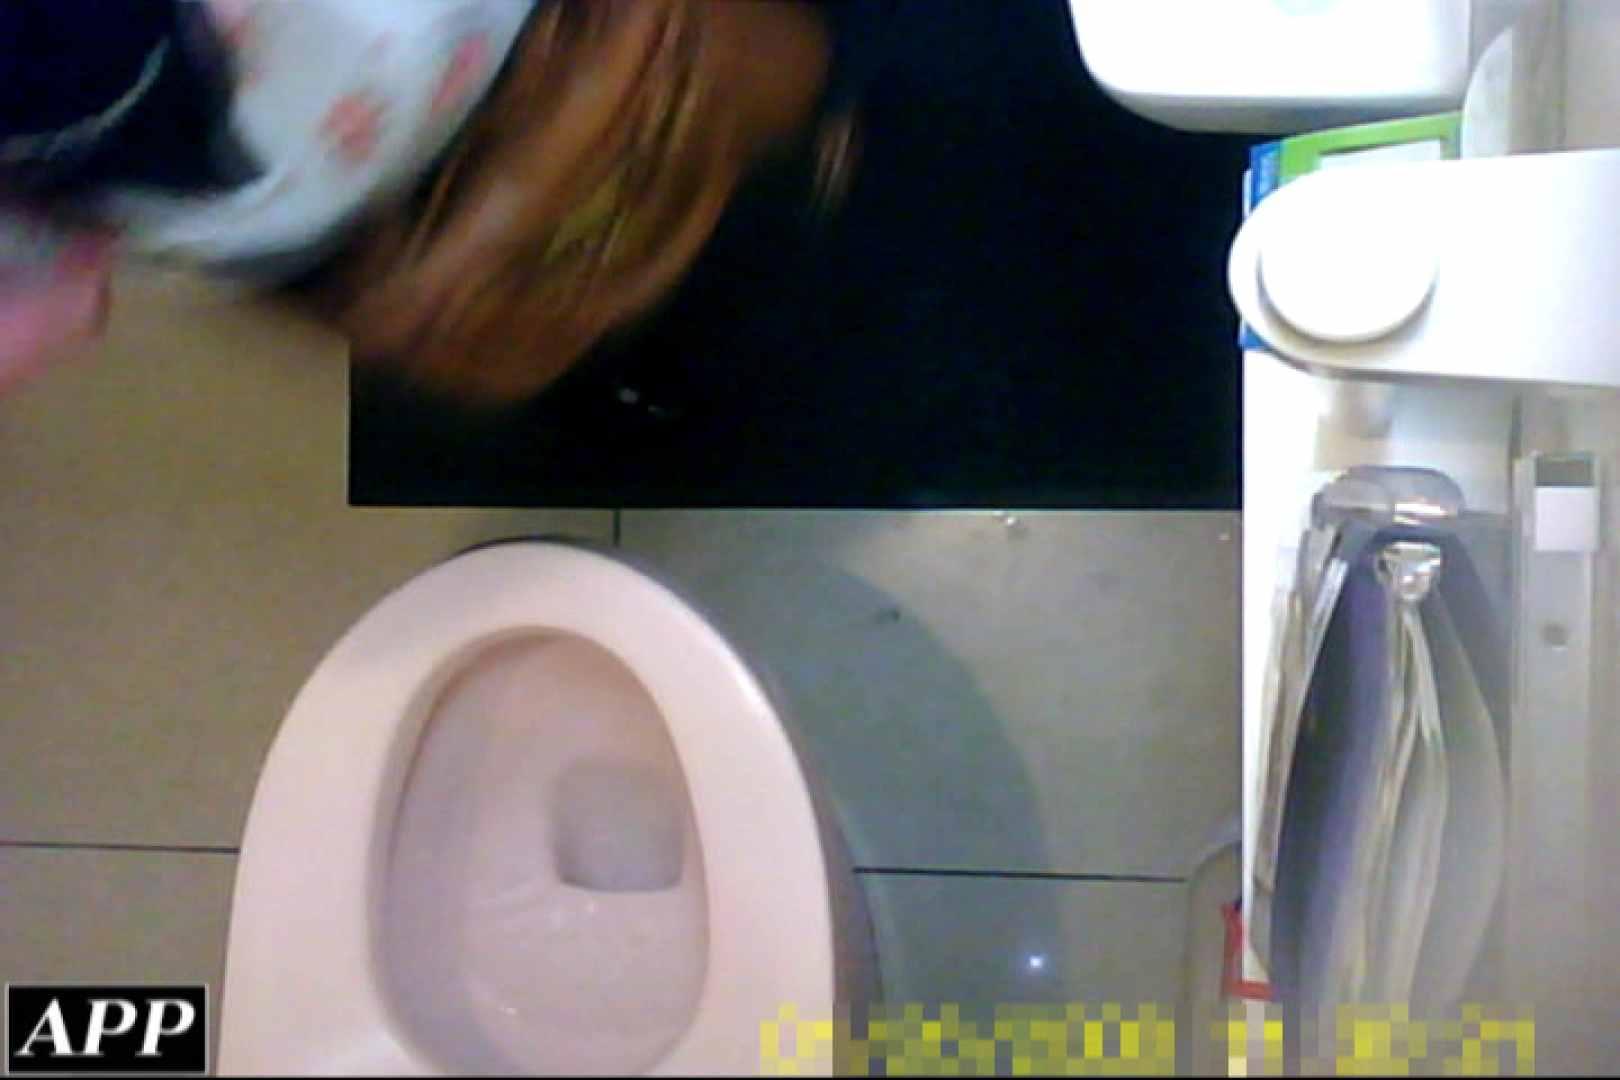 3視点洗面所 vol.104 ギャルのオマンコ AV無料動画キャプチャ 81pic 47